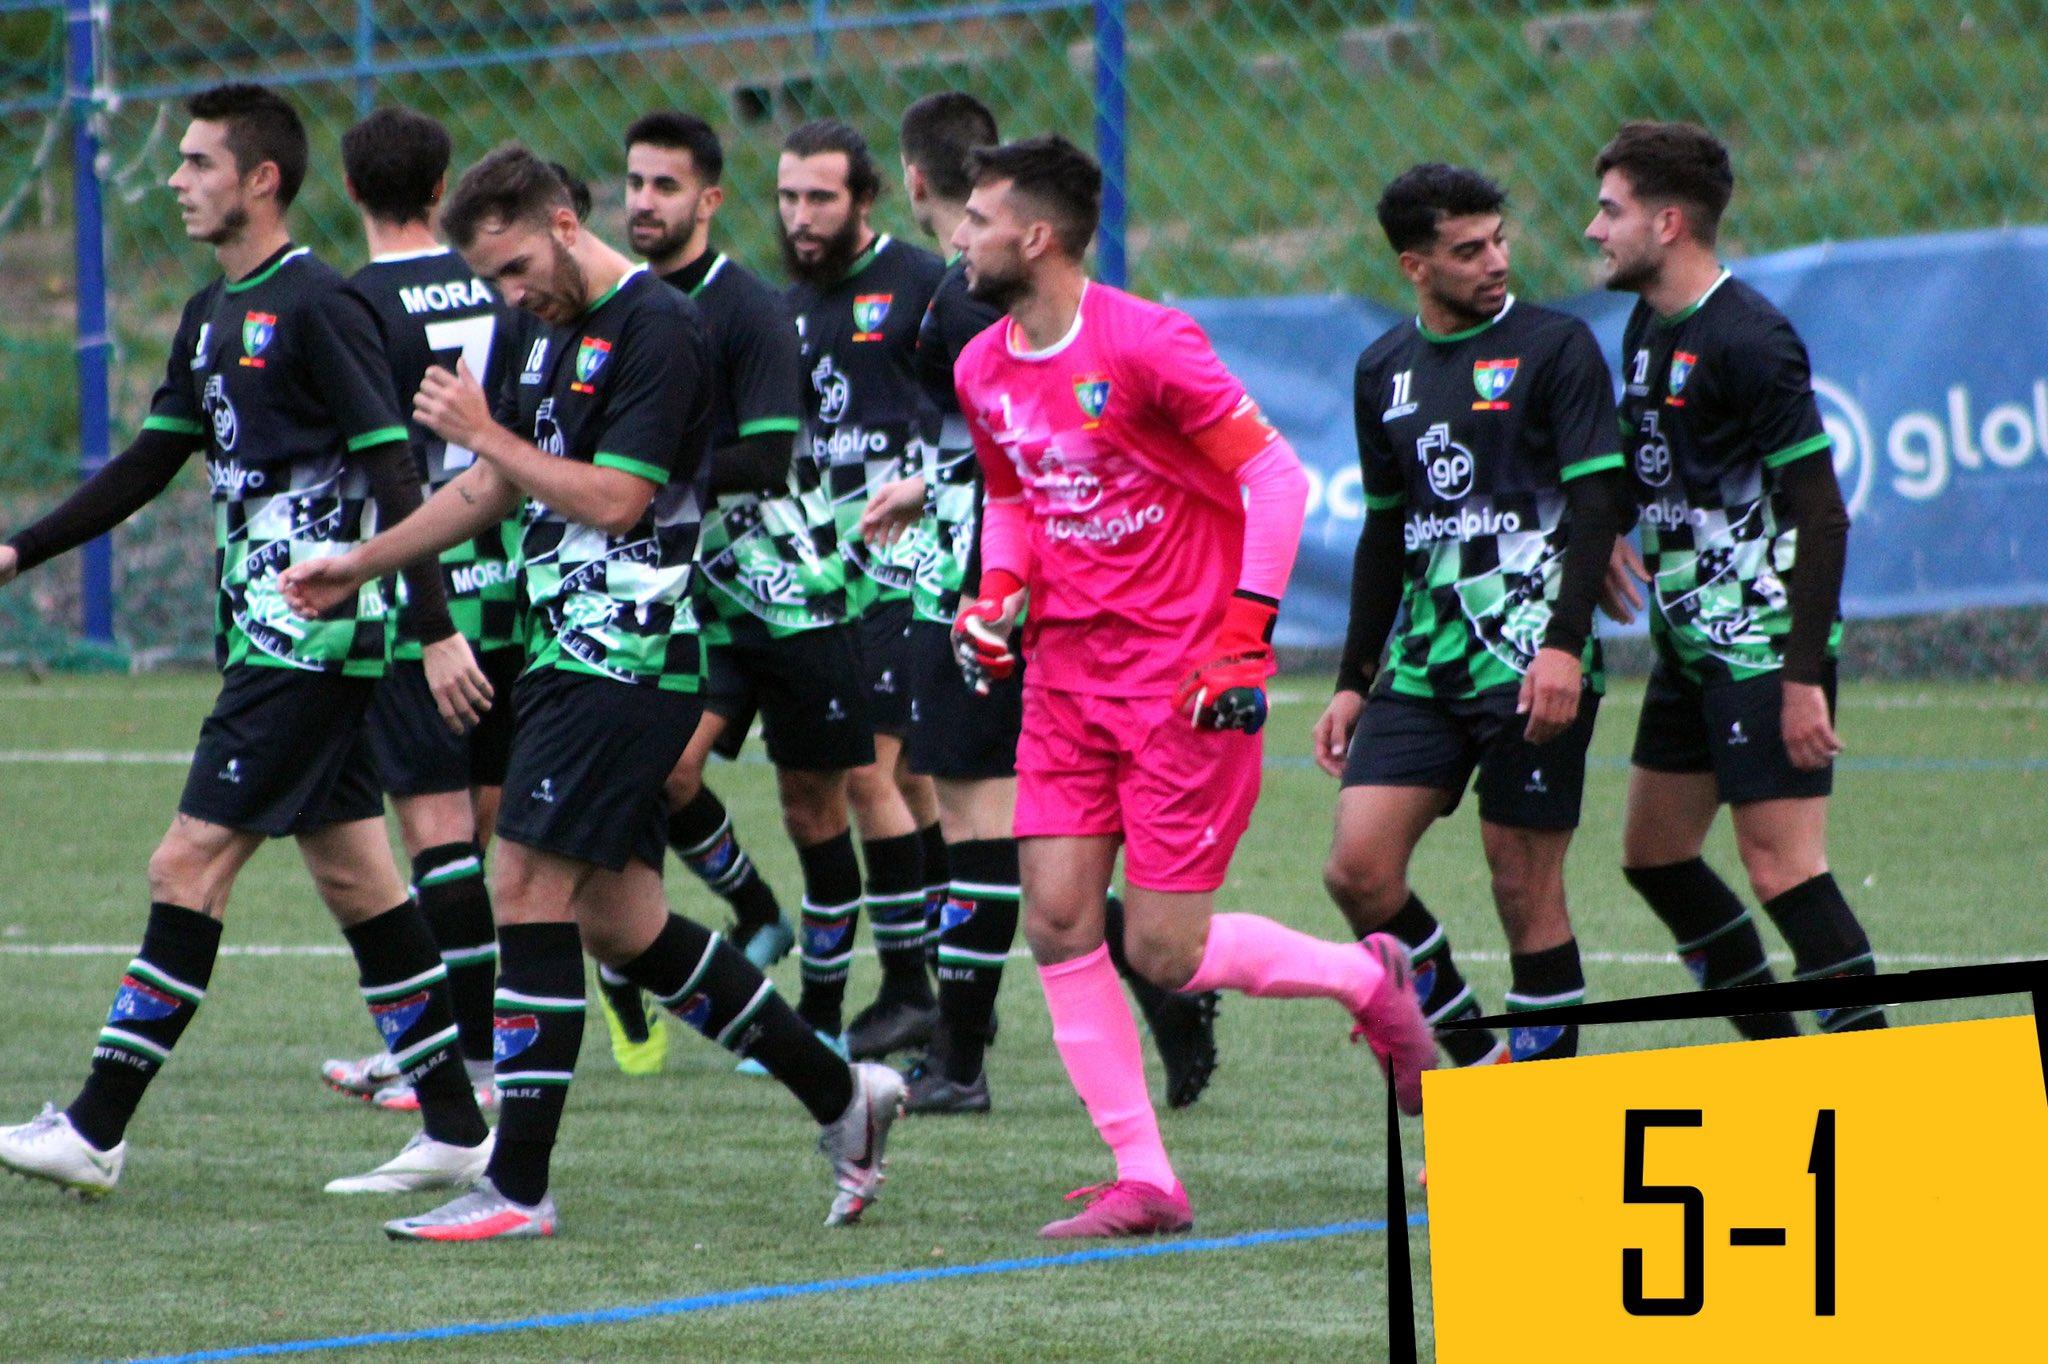 El Primer Equipo suma la primera victoria de la temporada